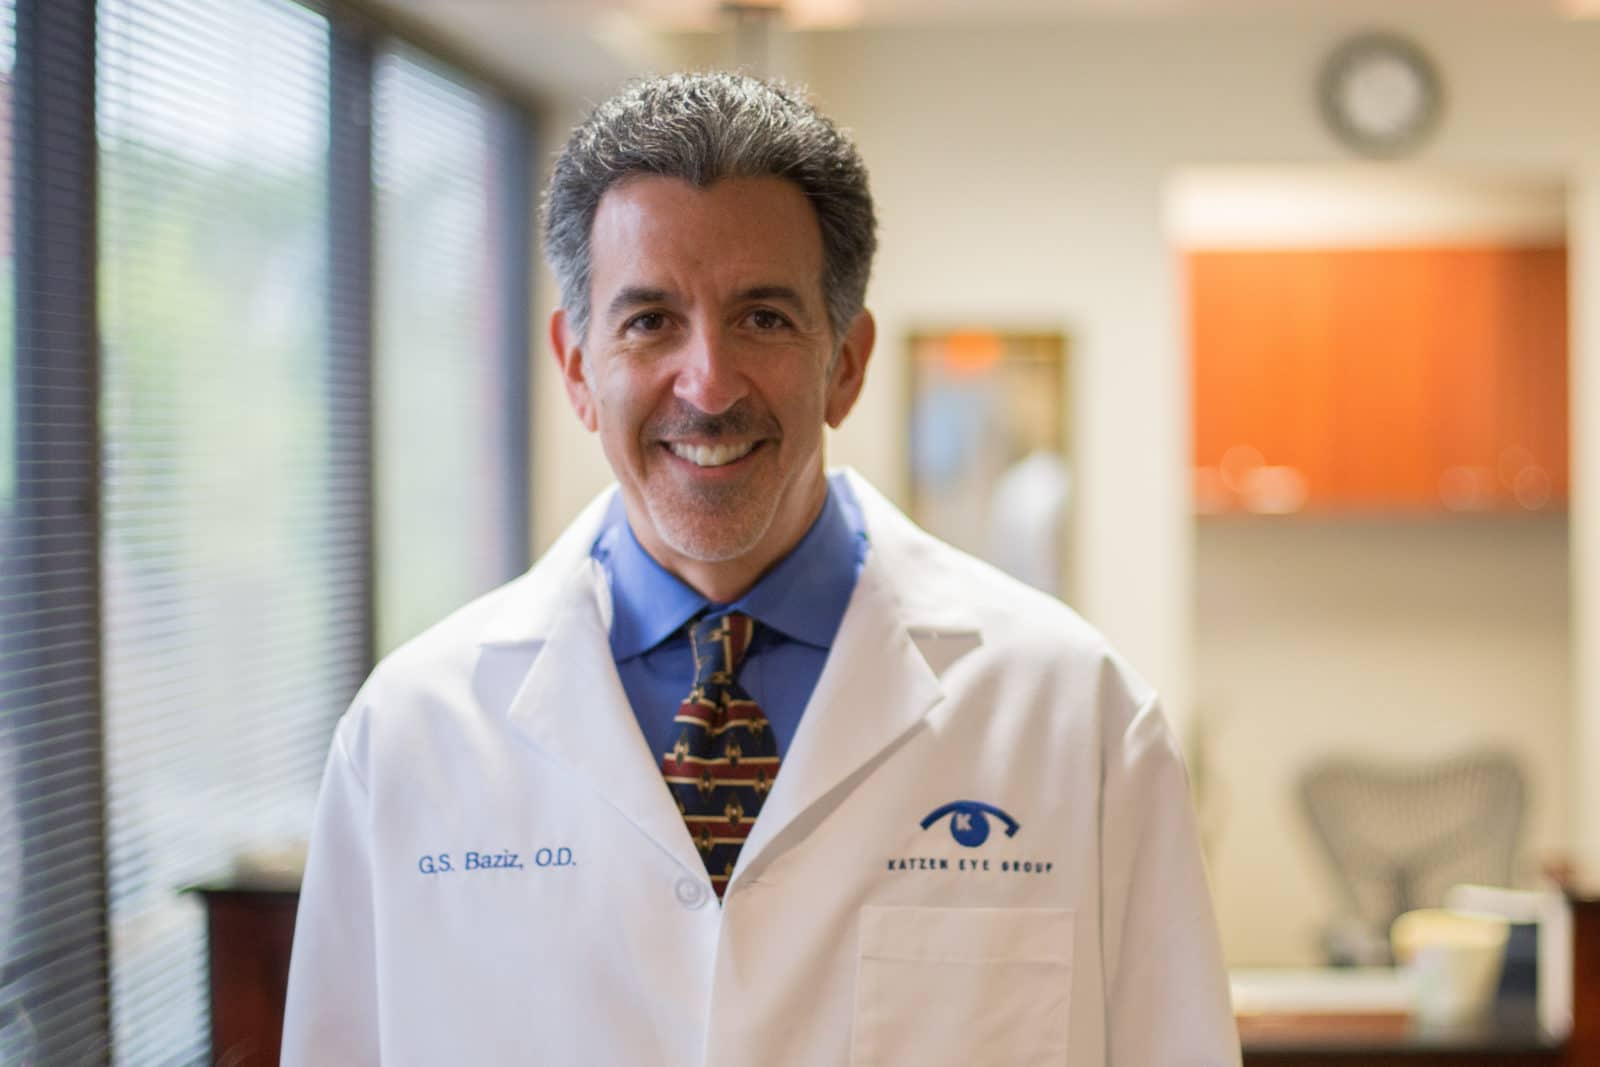 Dr. Gary Baziz